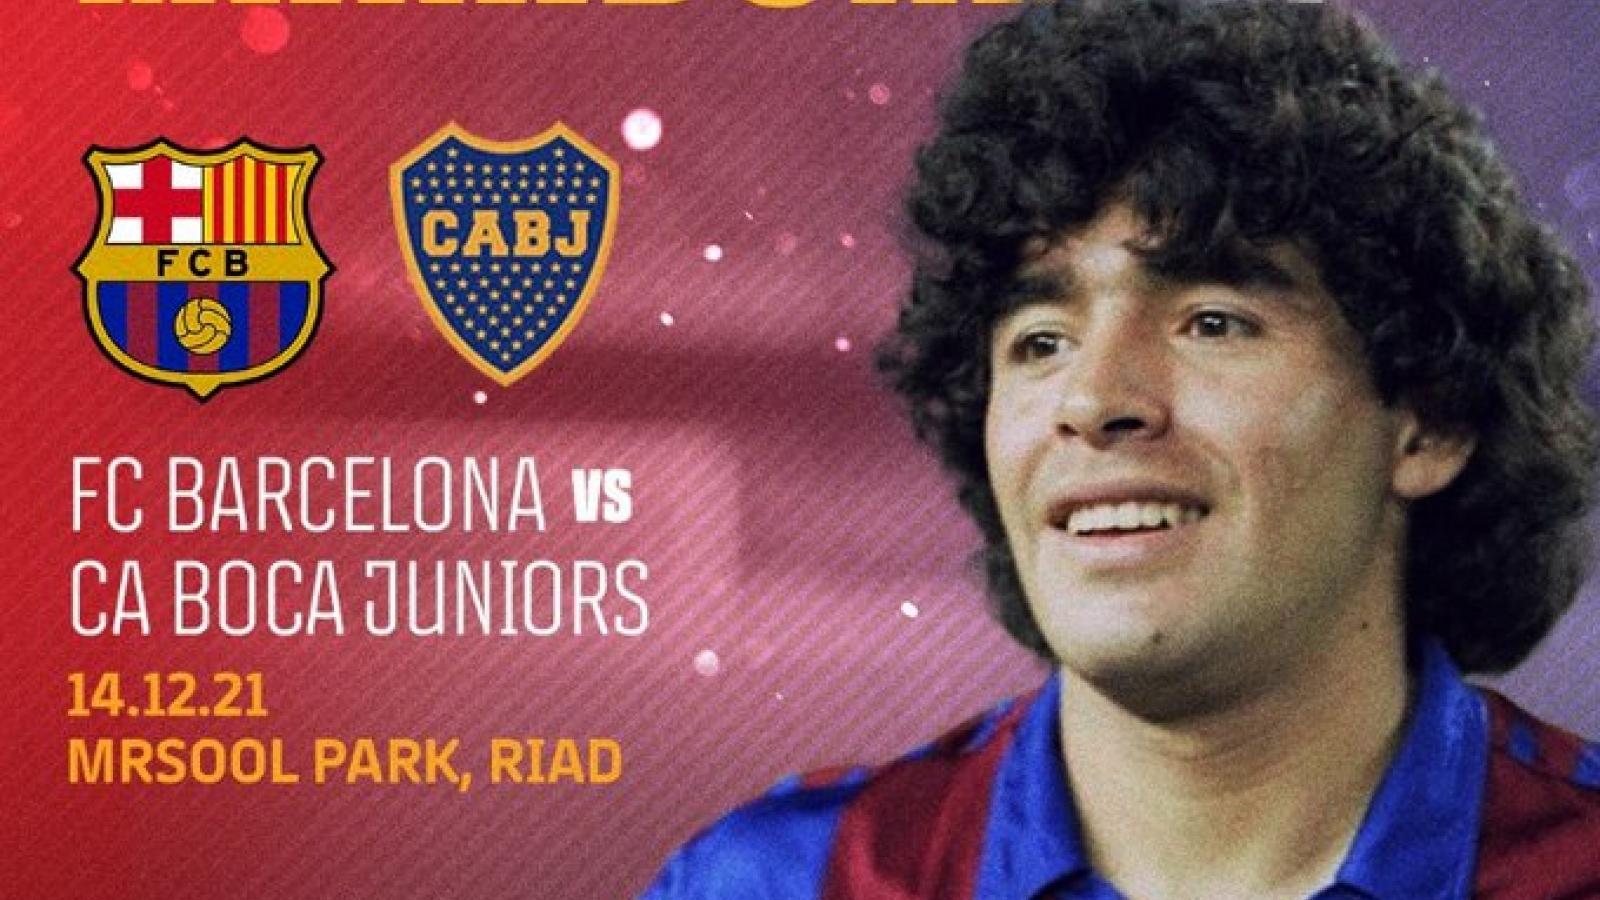 Barca đá trận tri ân huyền thoại Maradona vào giai đoạn khốc liệt nhất mùa giải